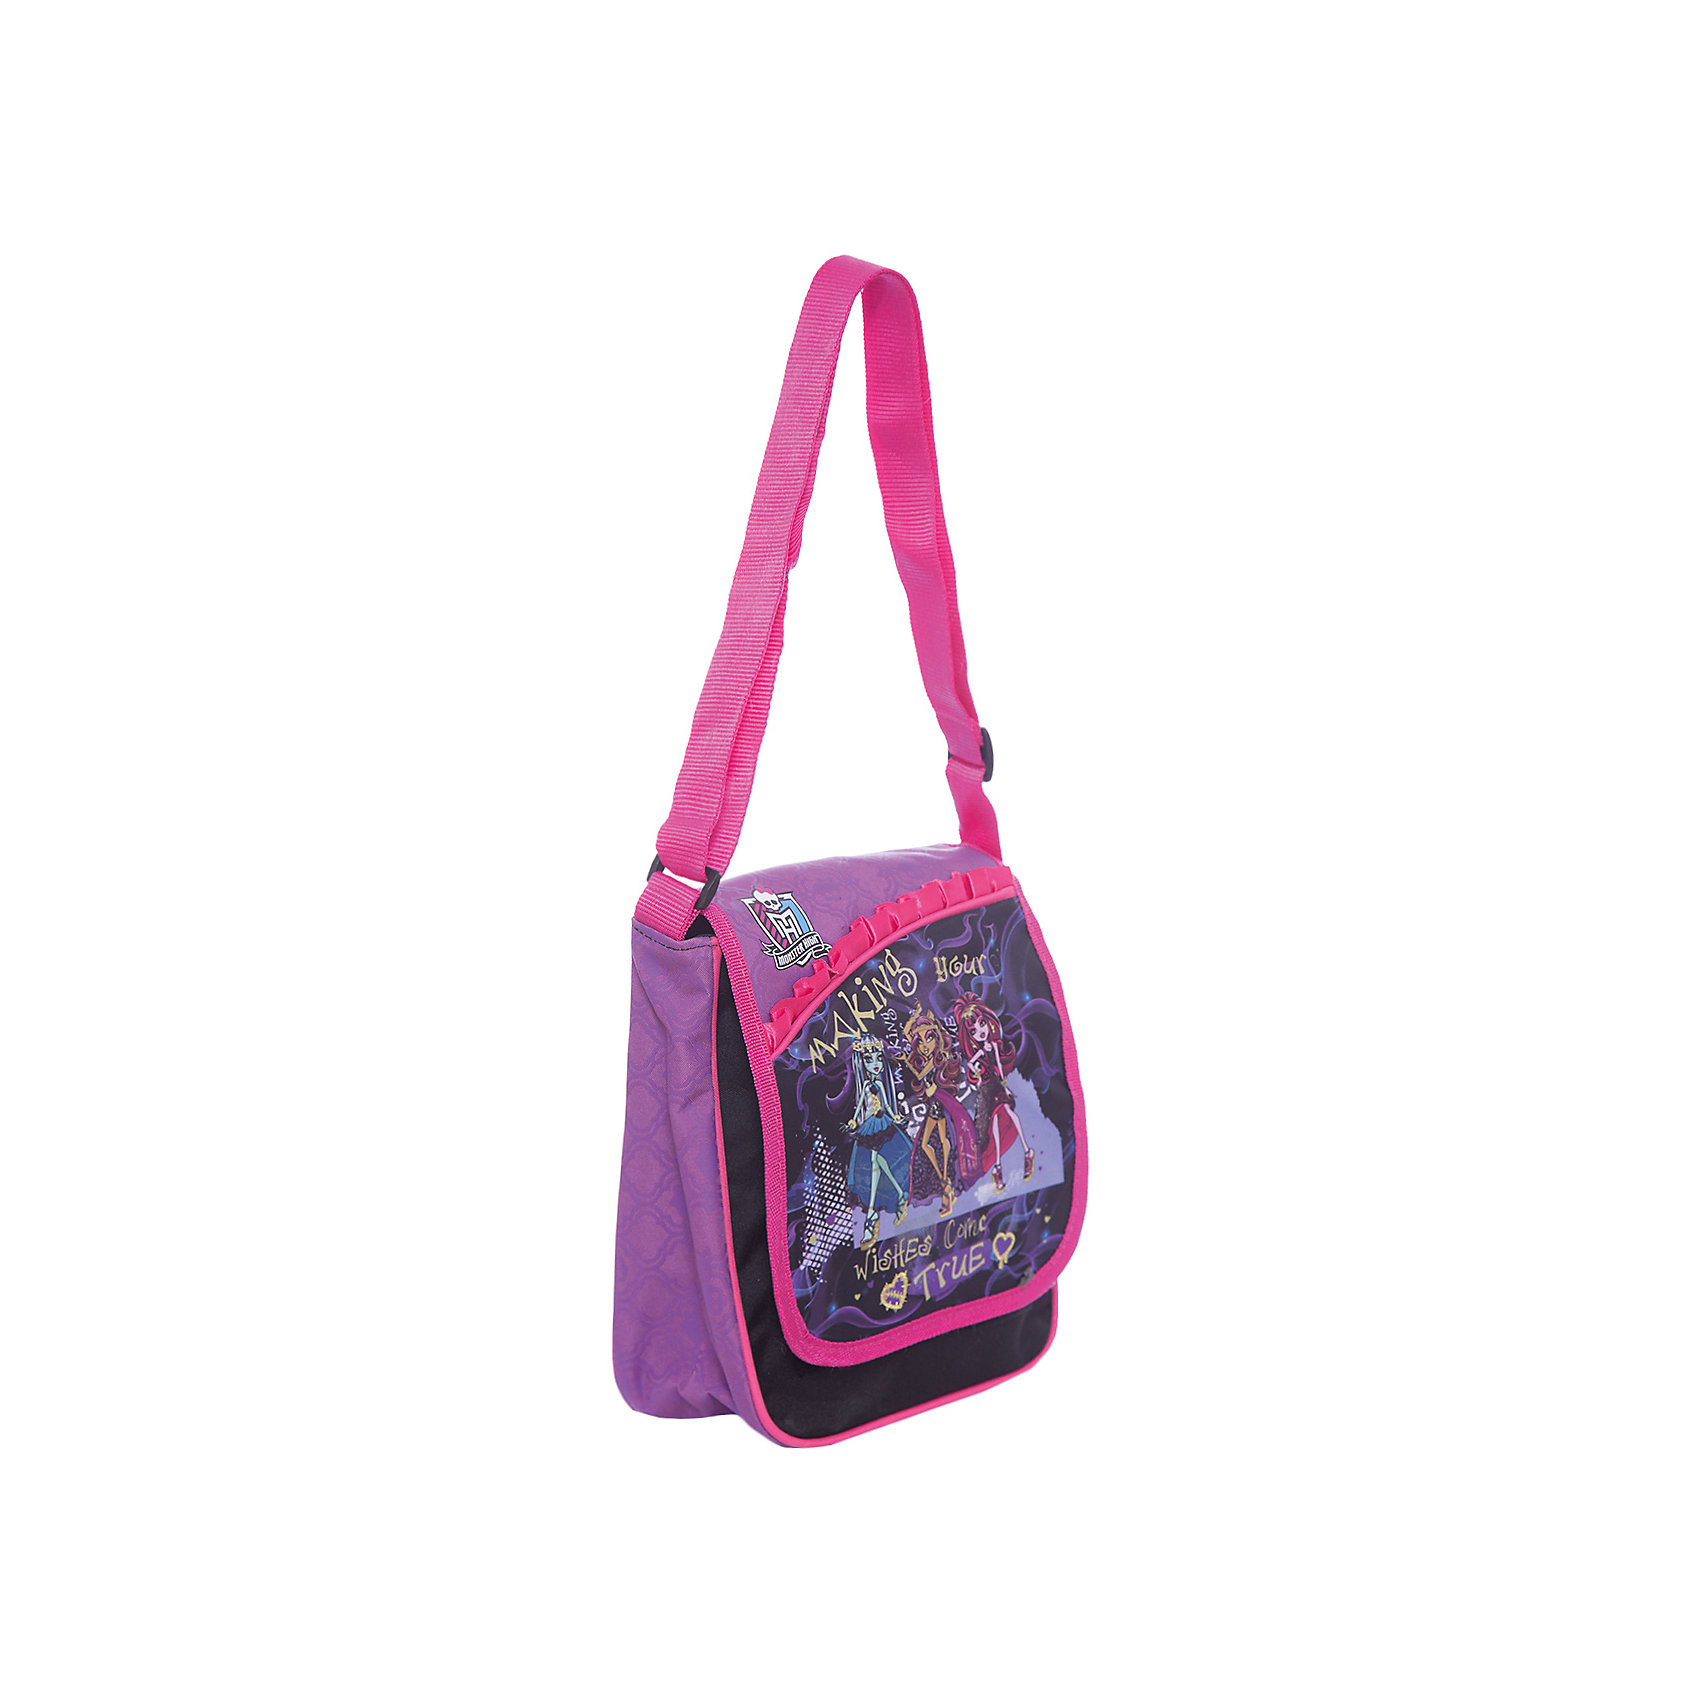 Сумочка, Monster HighСумки и рюкзаки<br>Сумка-, Мonster High (Монстр Хай) – это стильный аксессуар для юной поклонницы мультсериала «Школа монстров».<br>Сумка, Мonster High подойдет для прогулок и встреч с друзьями. Застегивается сумка на застежку-молнию и клапан на липучке. У сумки одно большое отделение, задний карман и внутренний карман на молнии, регулируемая лямка.<br><br>Дополнительная информация:<br>- Размер: 24 х 21 х 16 см;<br>- Ткань: сатин 300 ден;<br>- Цвет: черный;<br>- Отделка: розовый кант, атласная розовая лента, фиолетовые вставки, вышивка золотым люрексом.<br><br>Сумку, Мonster High (Монстр Хай) можно купить в нашем интернет-магазине.<br><br>Ширина мм: 240<br>Глубина мм: 210<br>Высота мм: 160<br>Вес г: 300<br>Возраст от месяцев: 36<br>Возраст до месяцев: 156<br>Пол: Женский<br>Возраст: Детский<br>SKU: 3622552